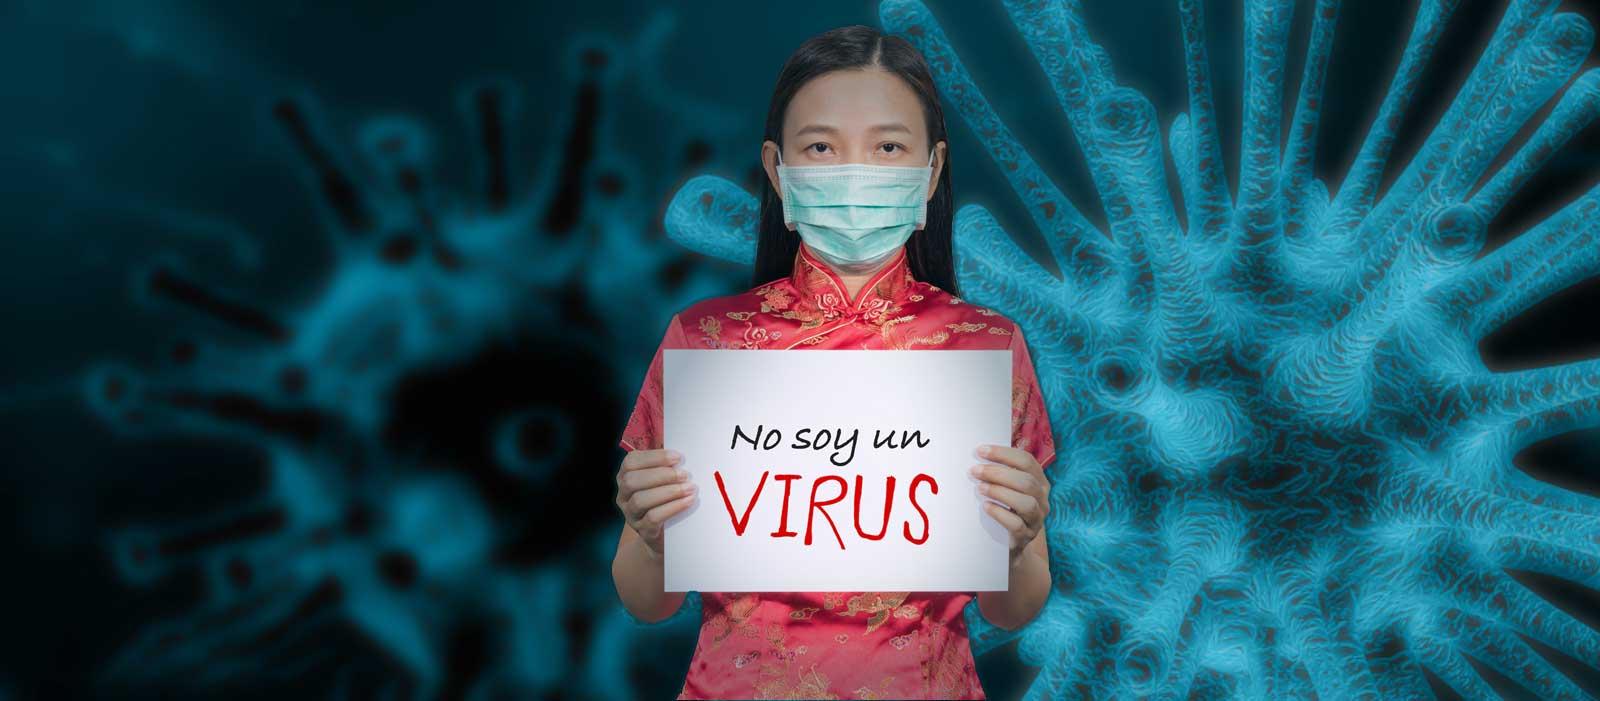 Prejuicios comunes sobre el Coronavirus